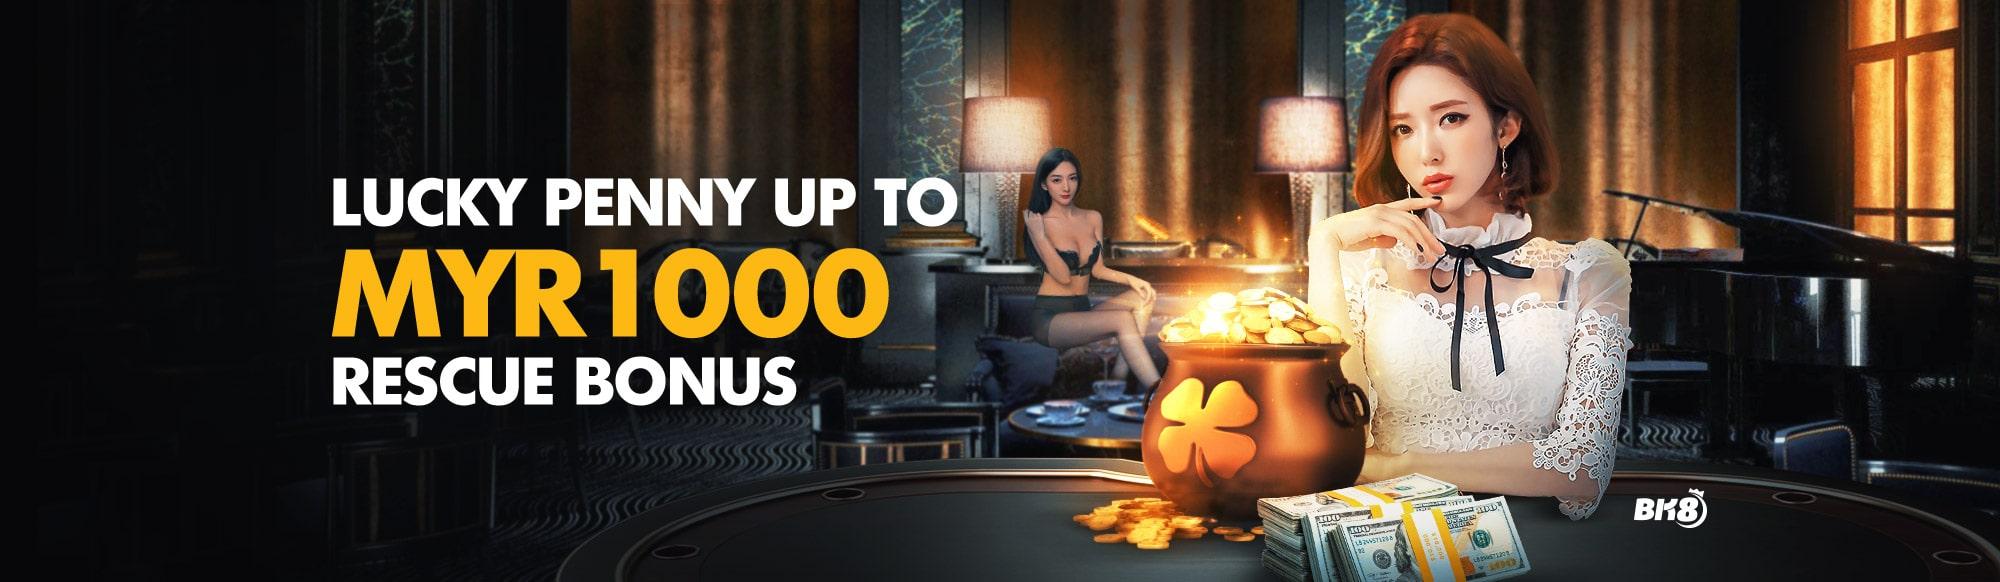 马来西亚网上赌场促销